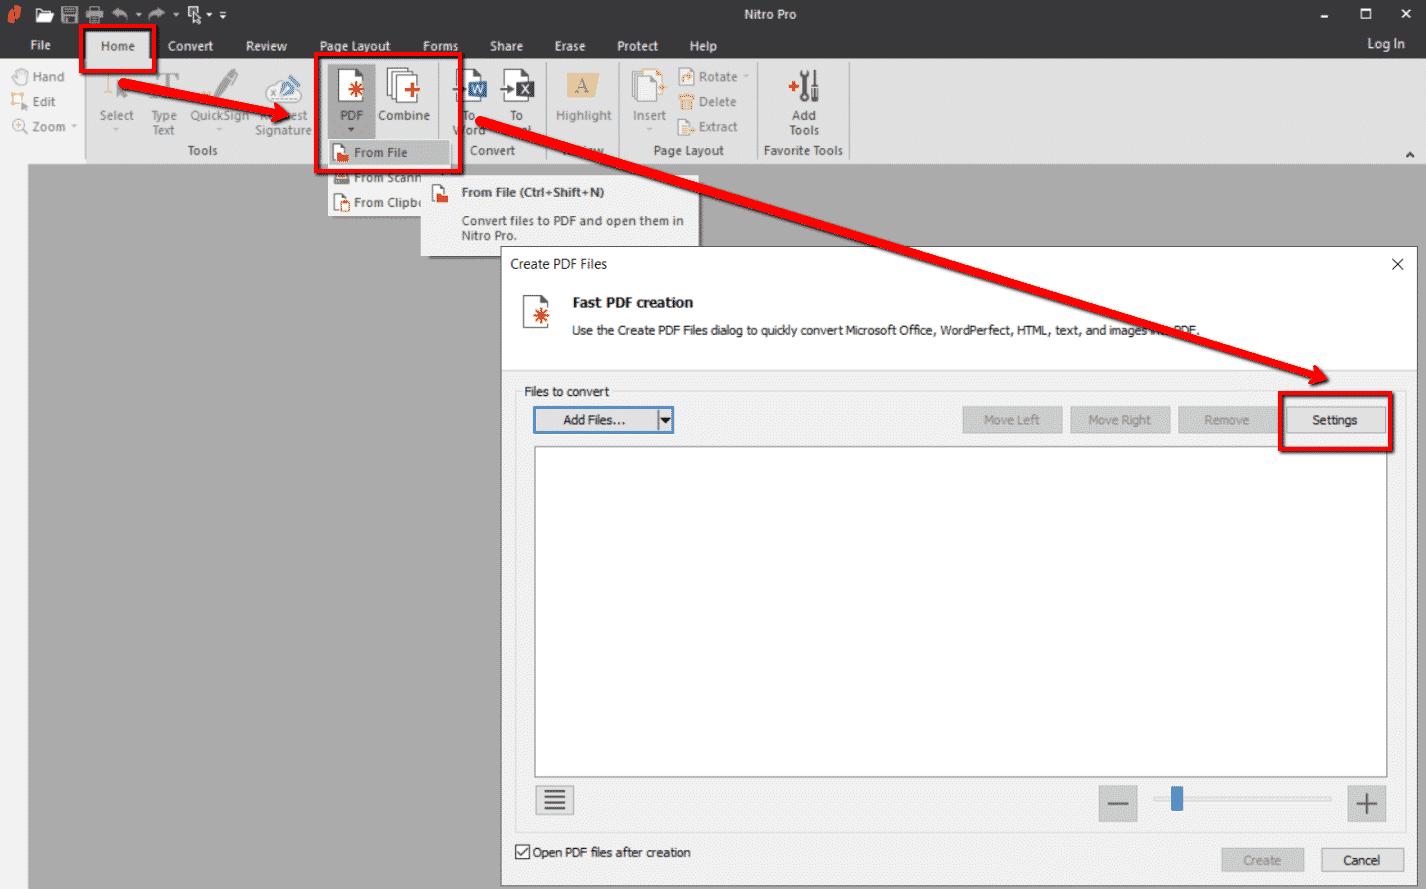 Kalau-sudah-di-halaman-baru-bisa-mencari-dan-klik-tulisan-Add-Files